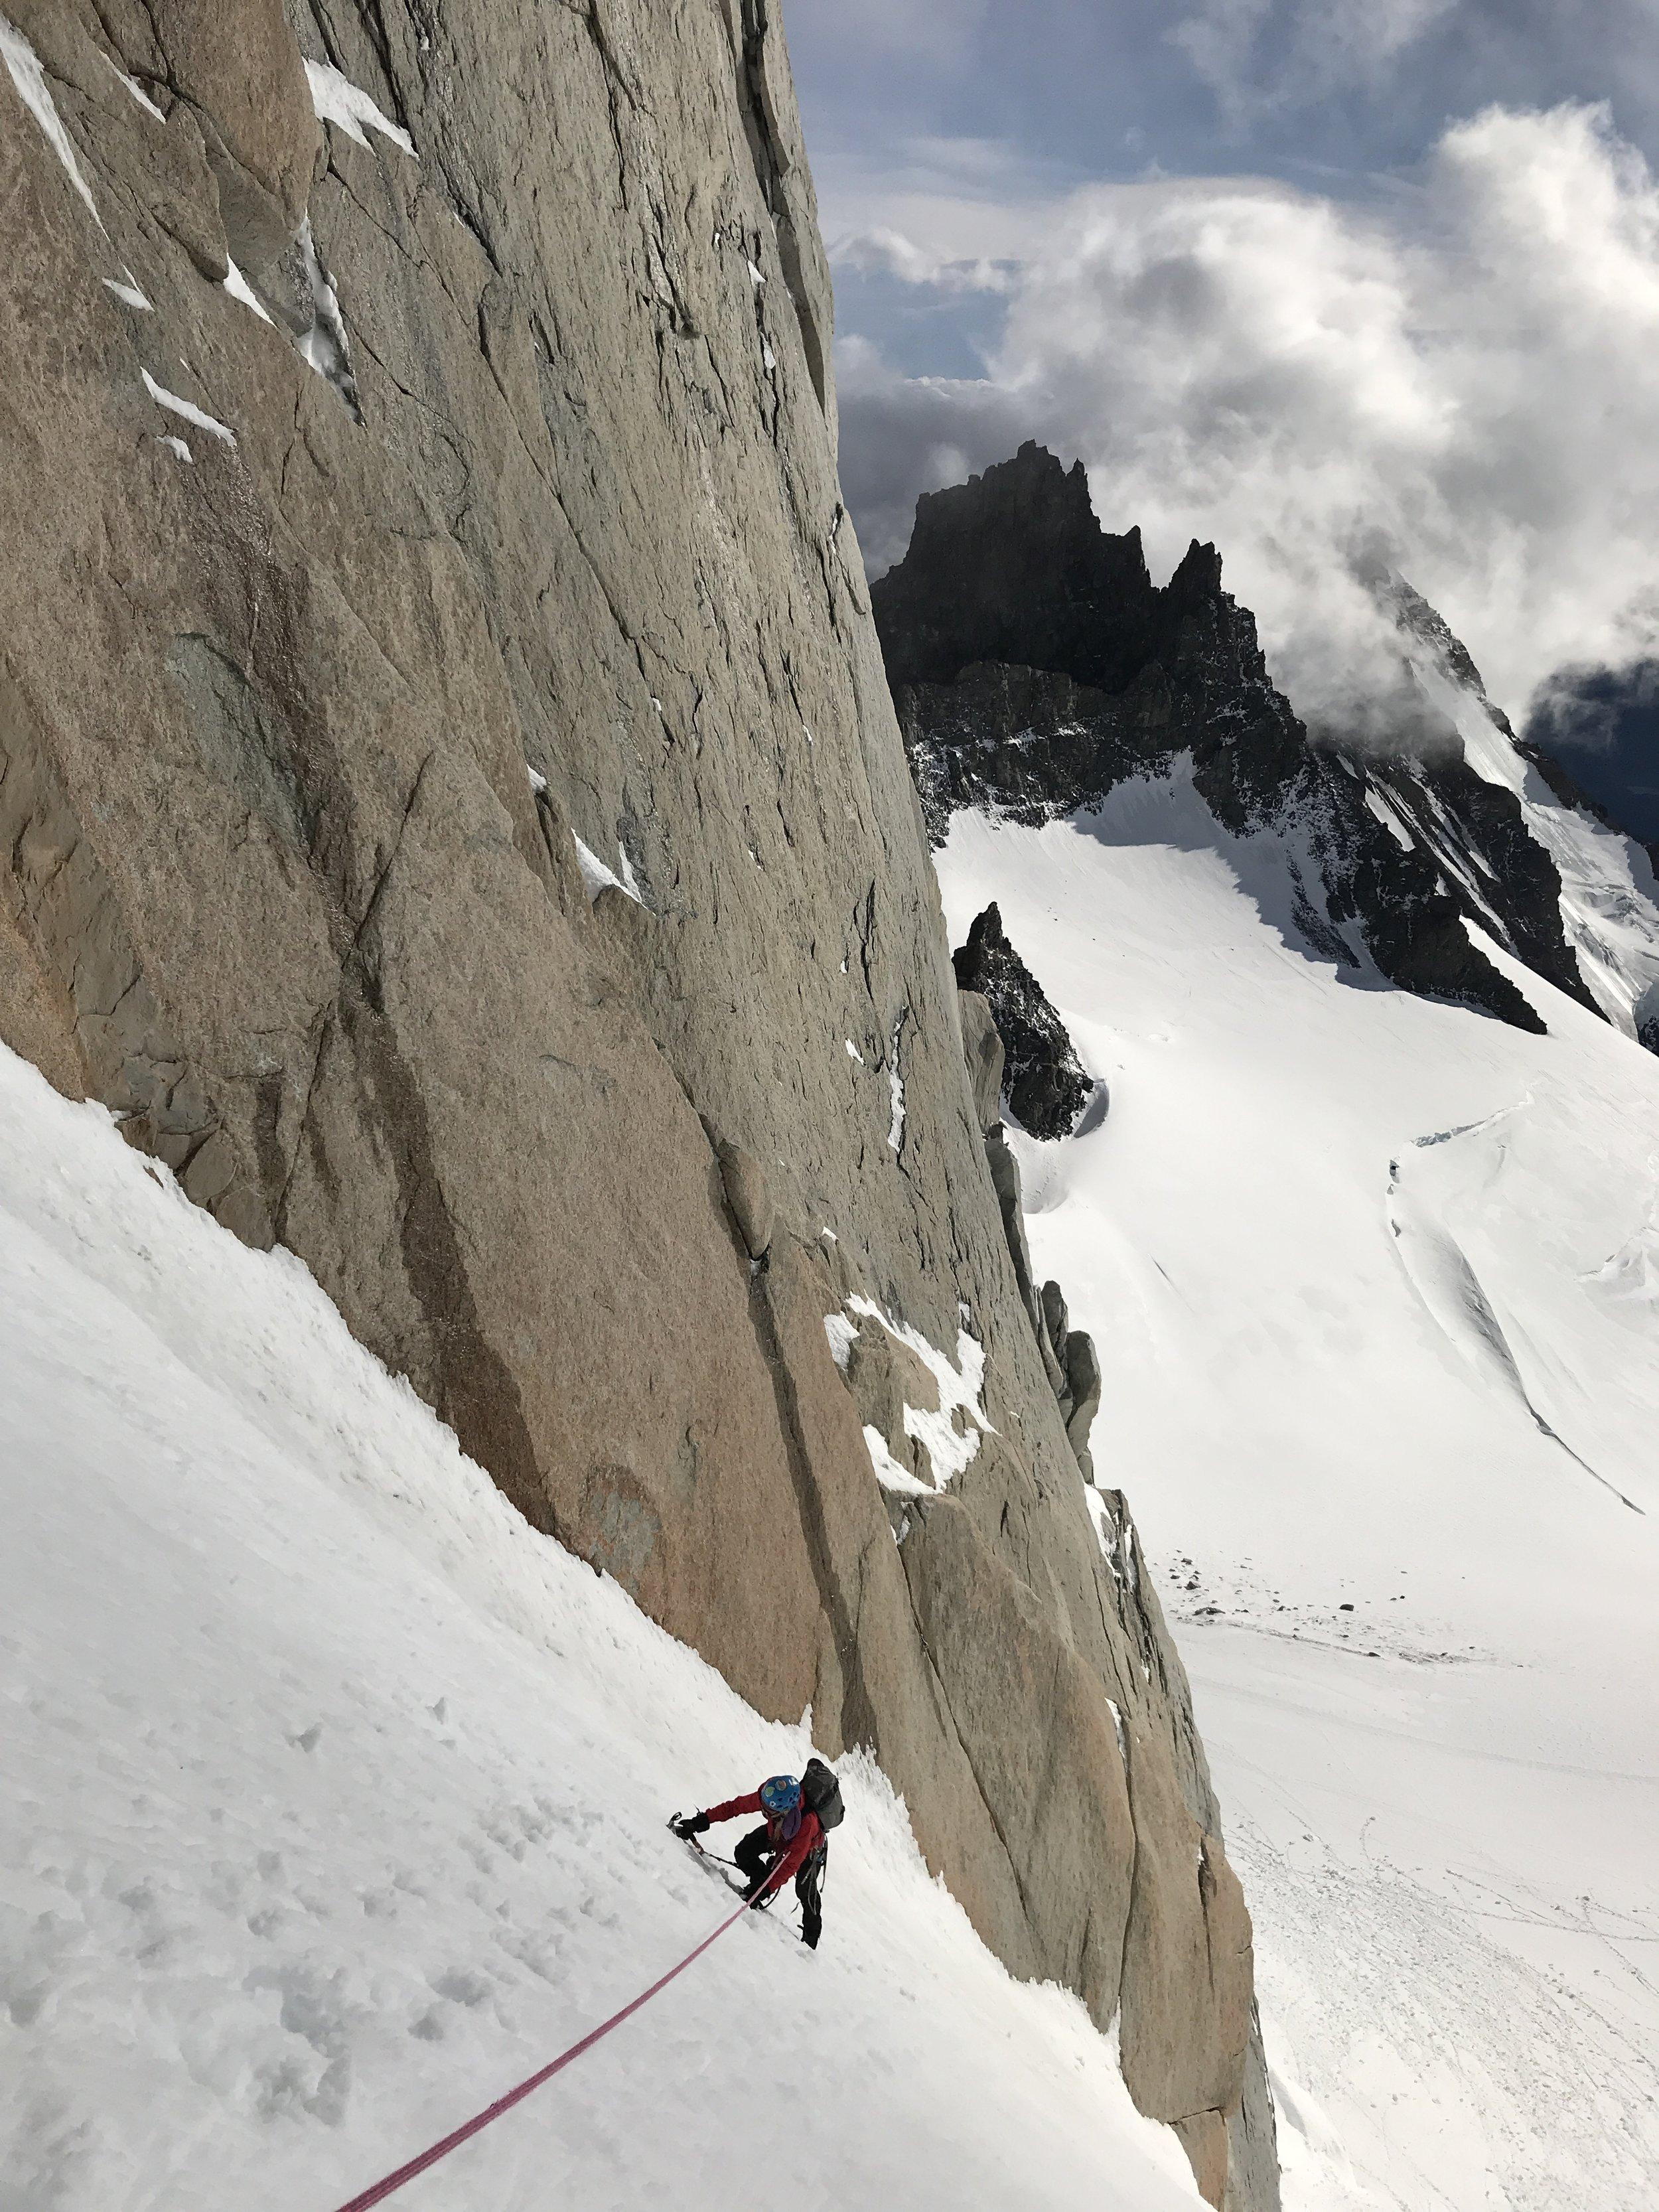 More snow/ice practice